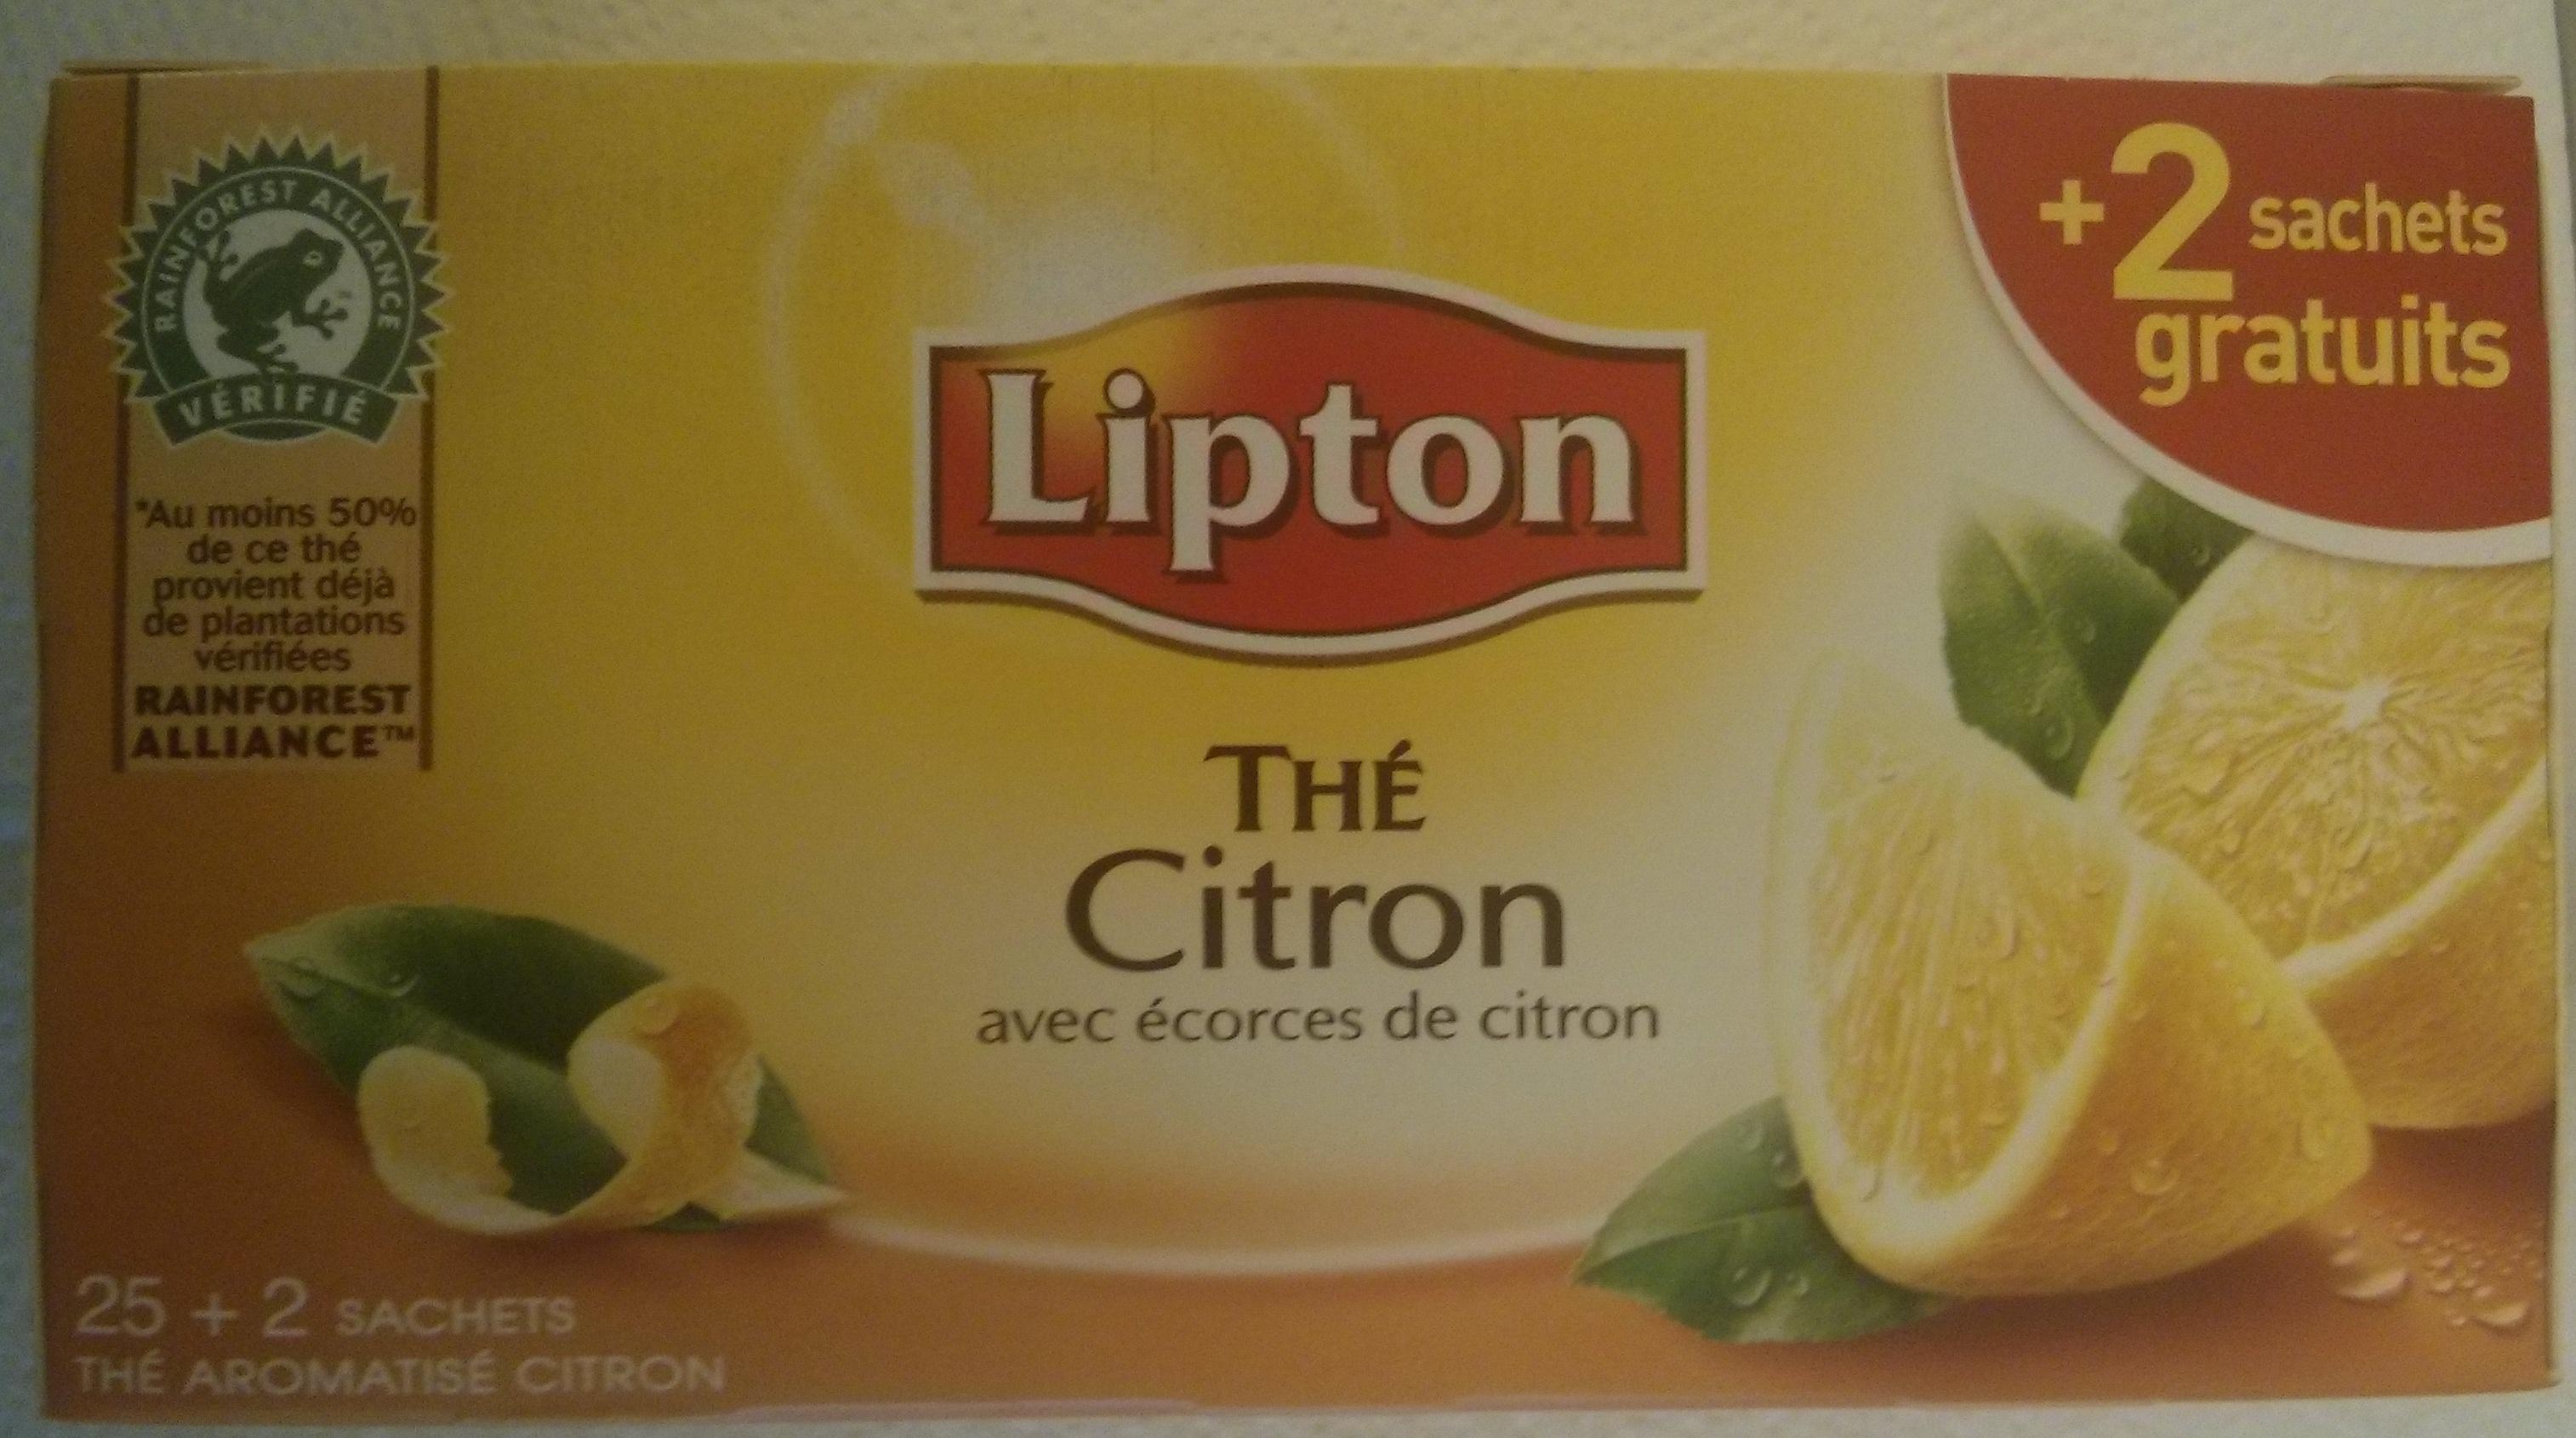 Thé Citron avec écorces de citron - Product - fr